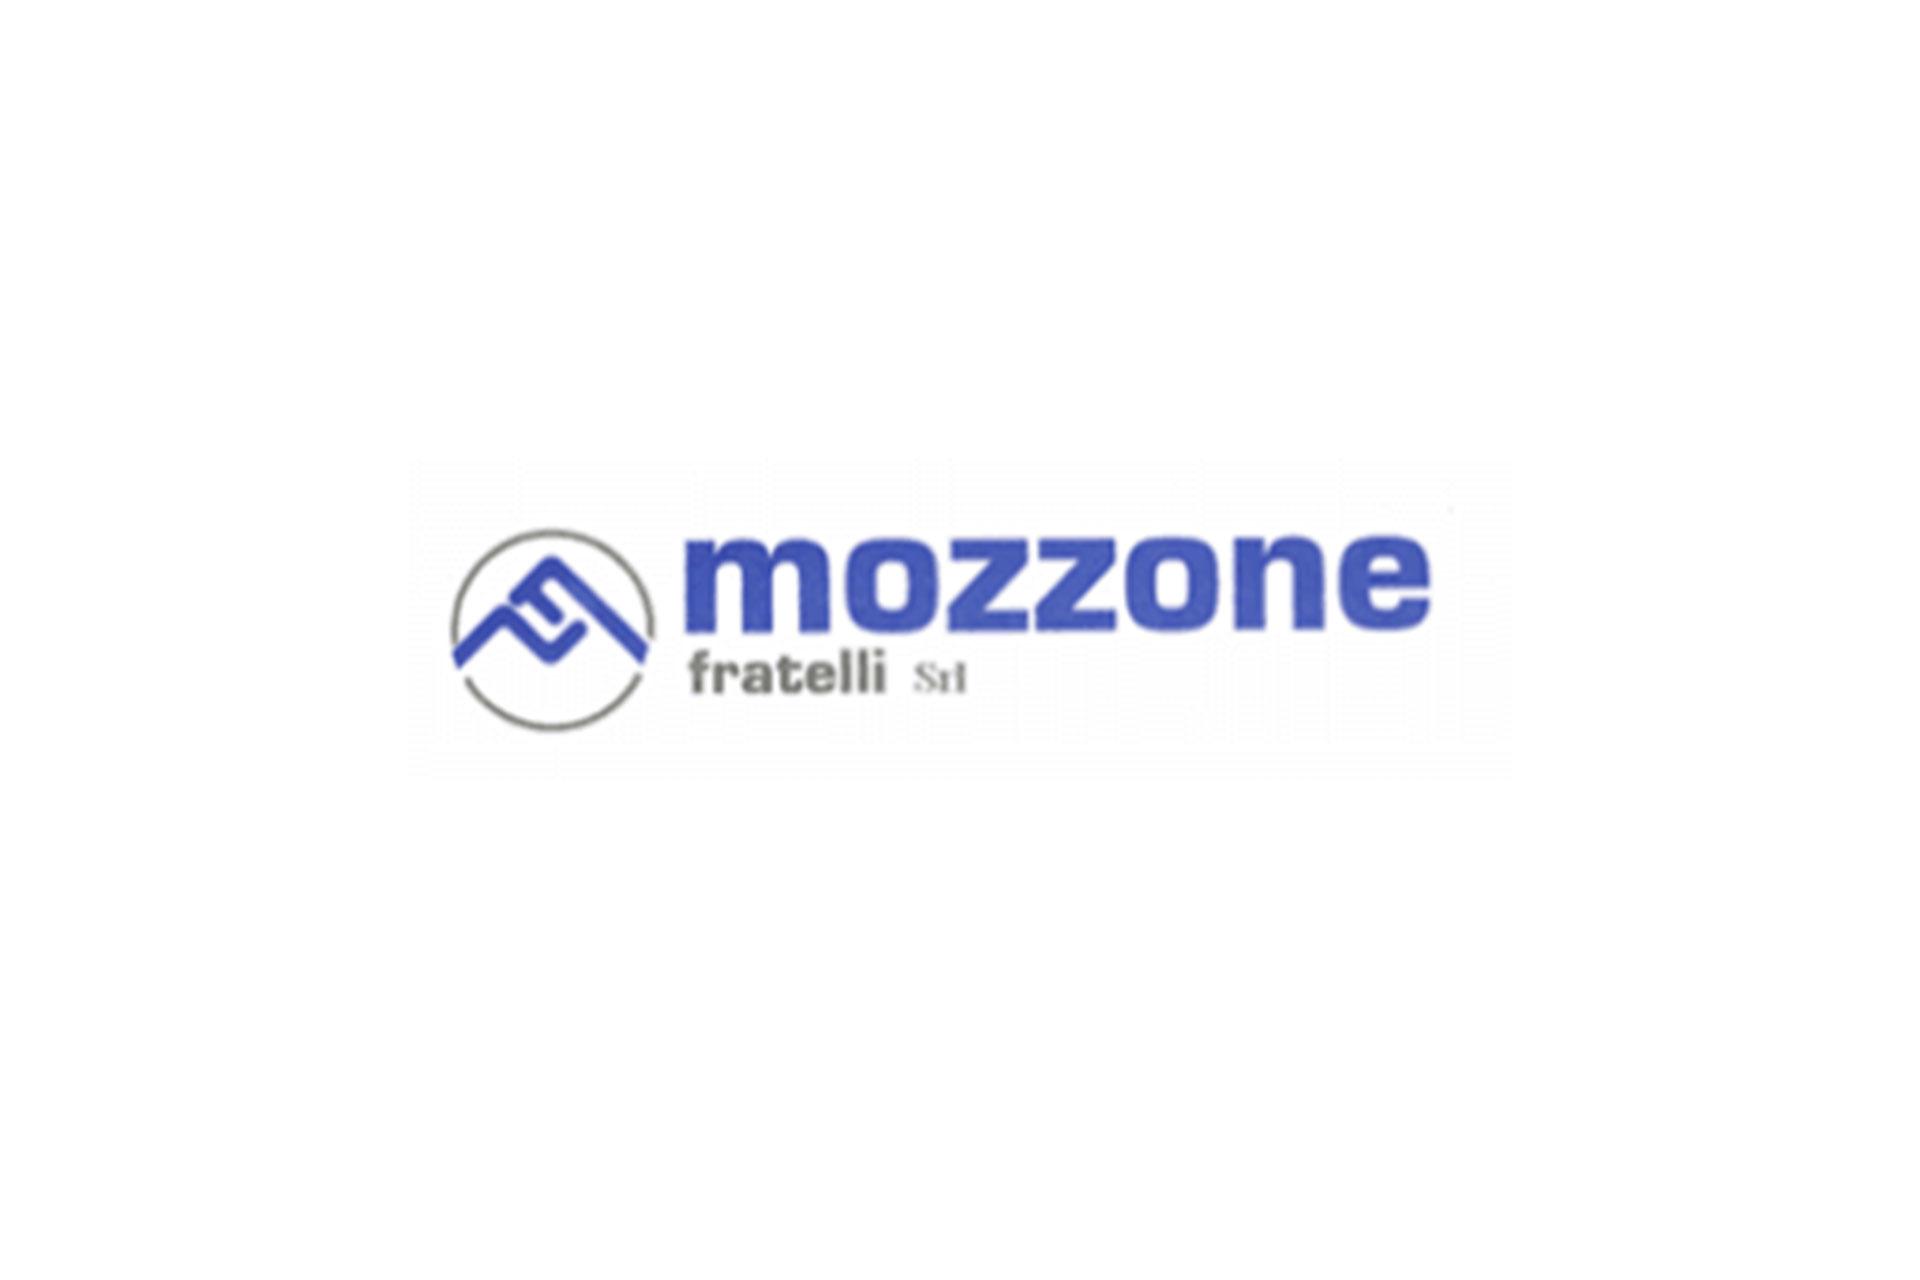 Mozzone F.lli